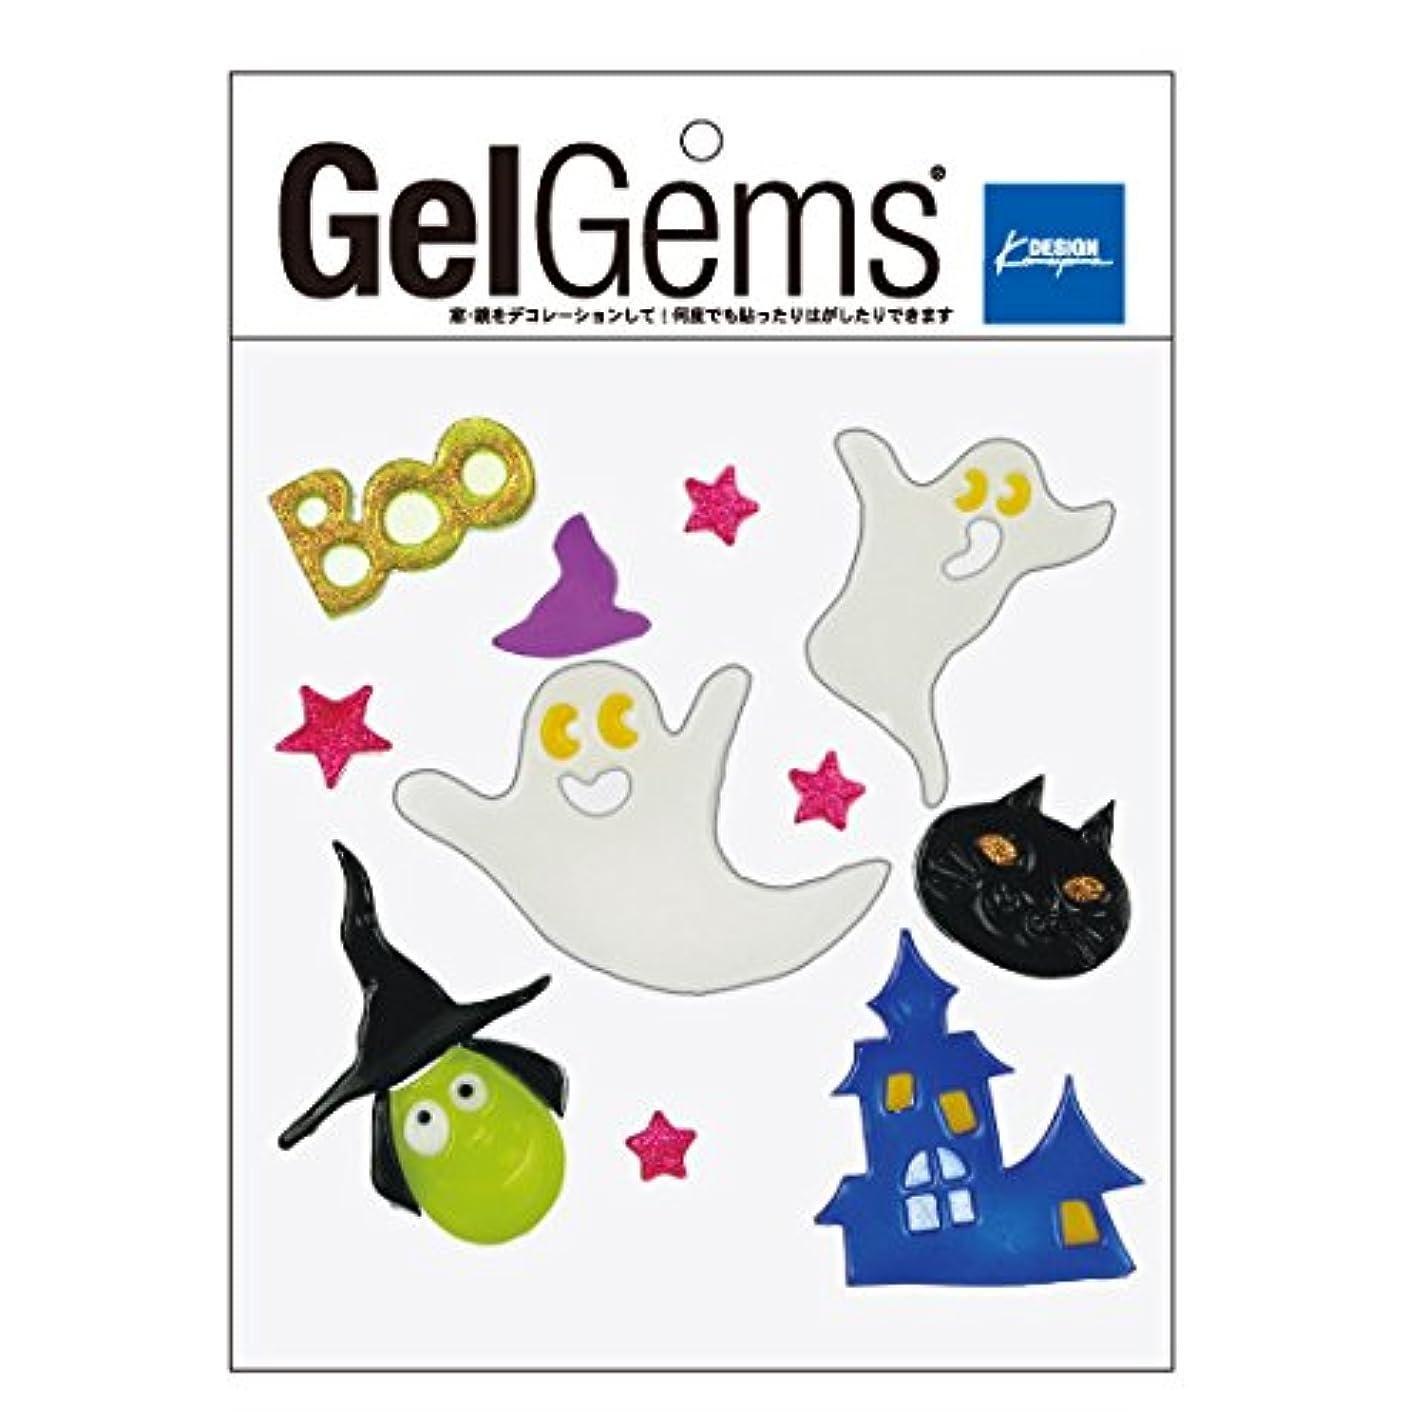 健康免疫するガラガラkameyama candle(カメヤマキャンドル) ジェルジェムバッグS 「 BOOゴースト 」 キャンドル 袋:W200×L255×H5mm (e00710151)